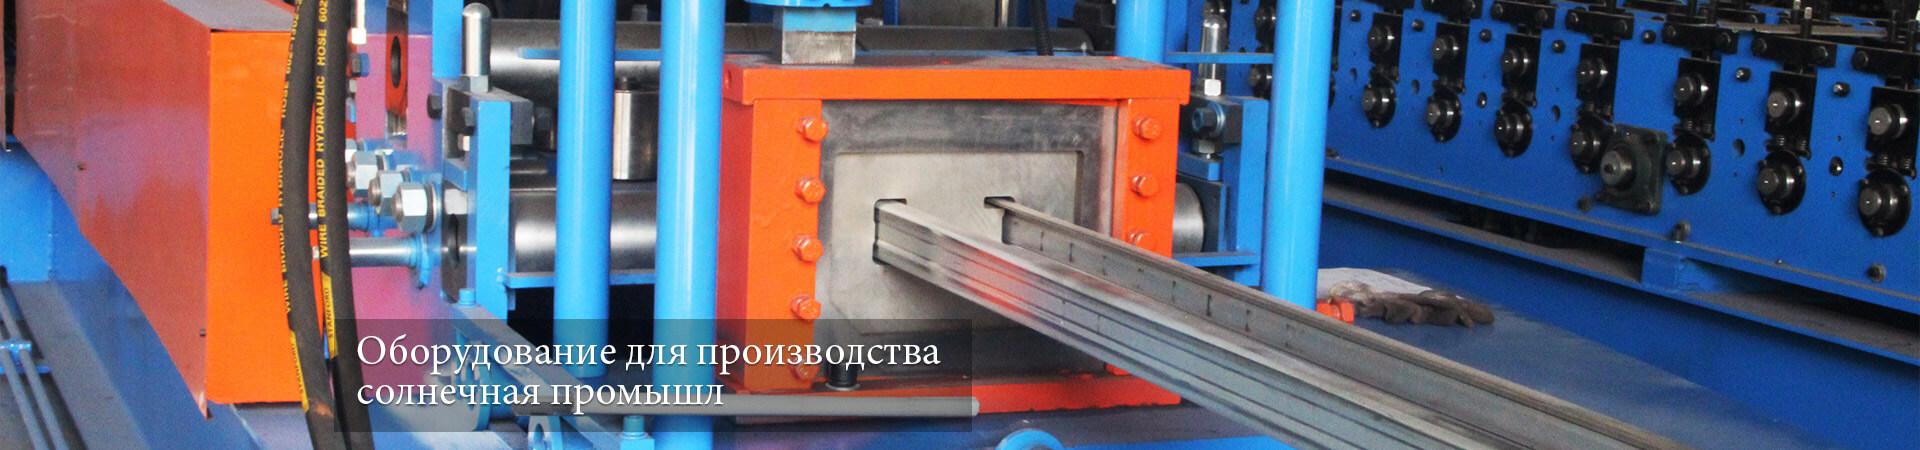 Оборудование для производства солнечная промышл